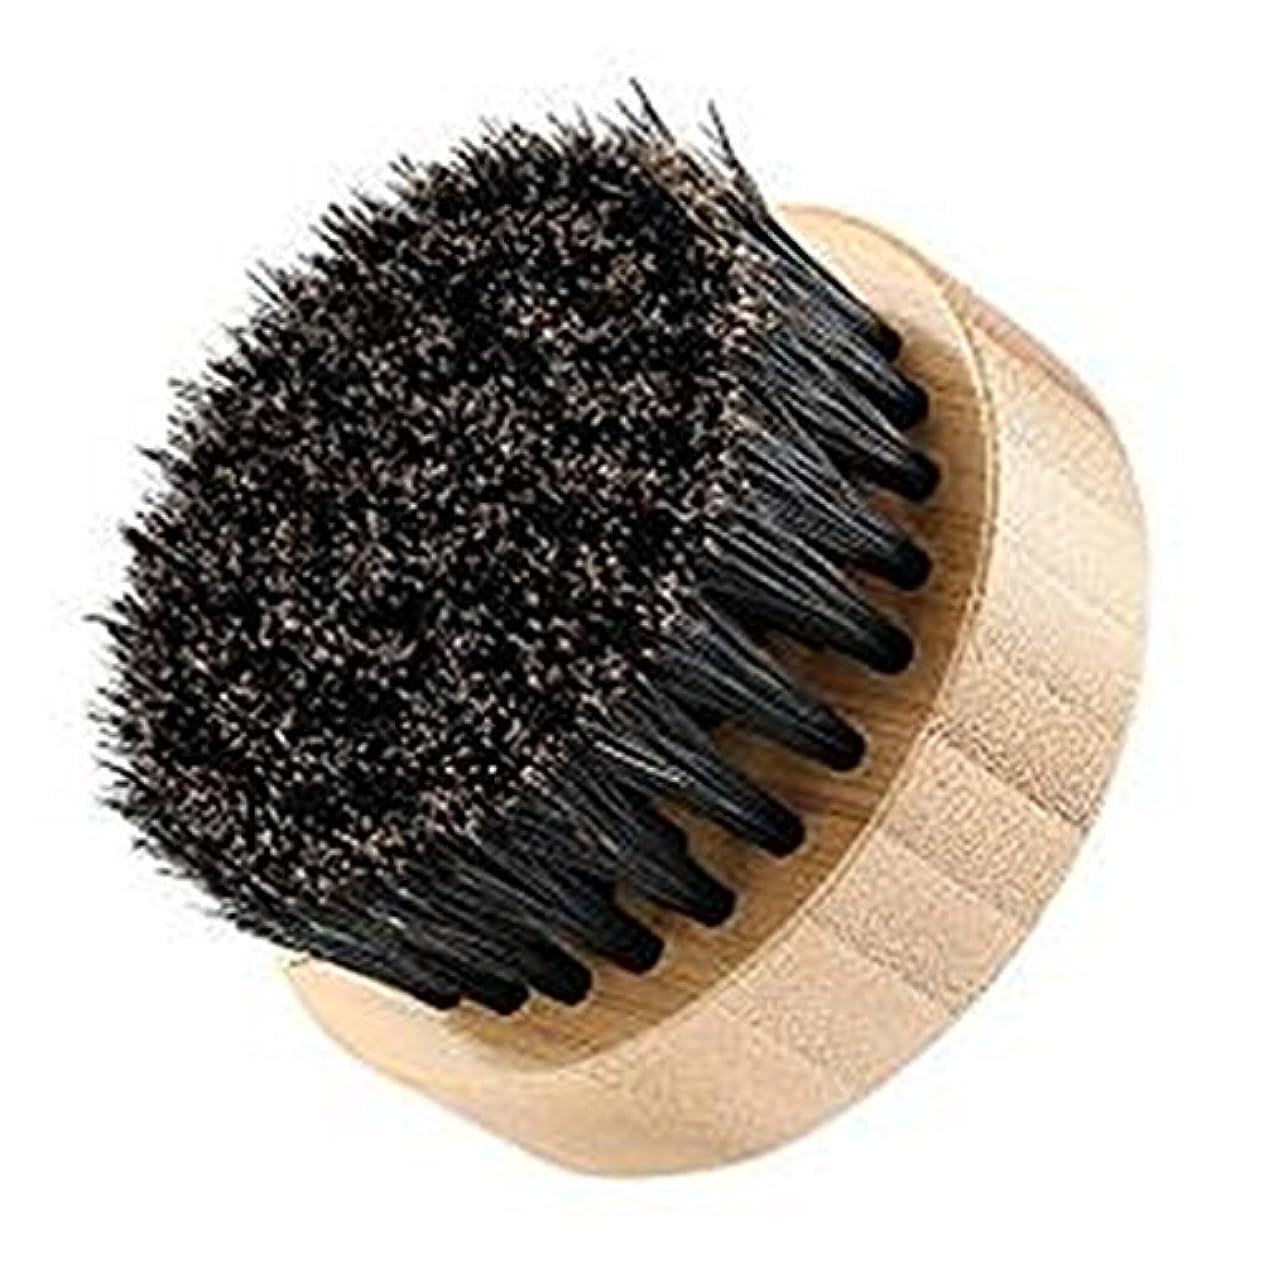 小道具タービン望ましいLUXWELL(ラクスウェル) ブラシ 100% 豚毛ブラシ 天然木 髭ブラシ FH-130